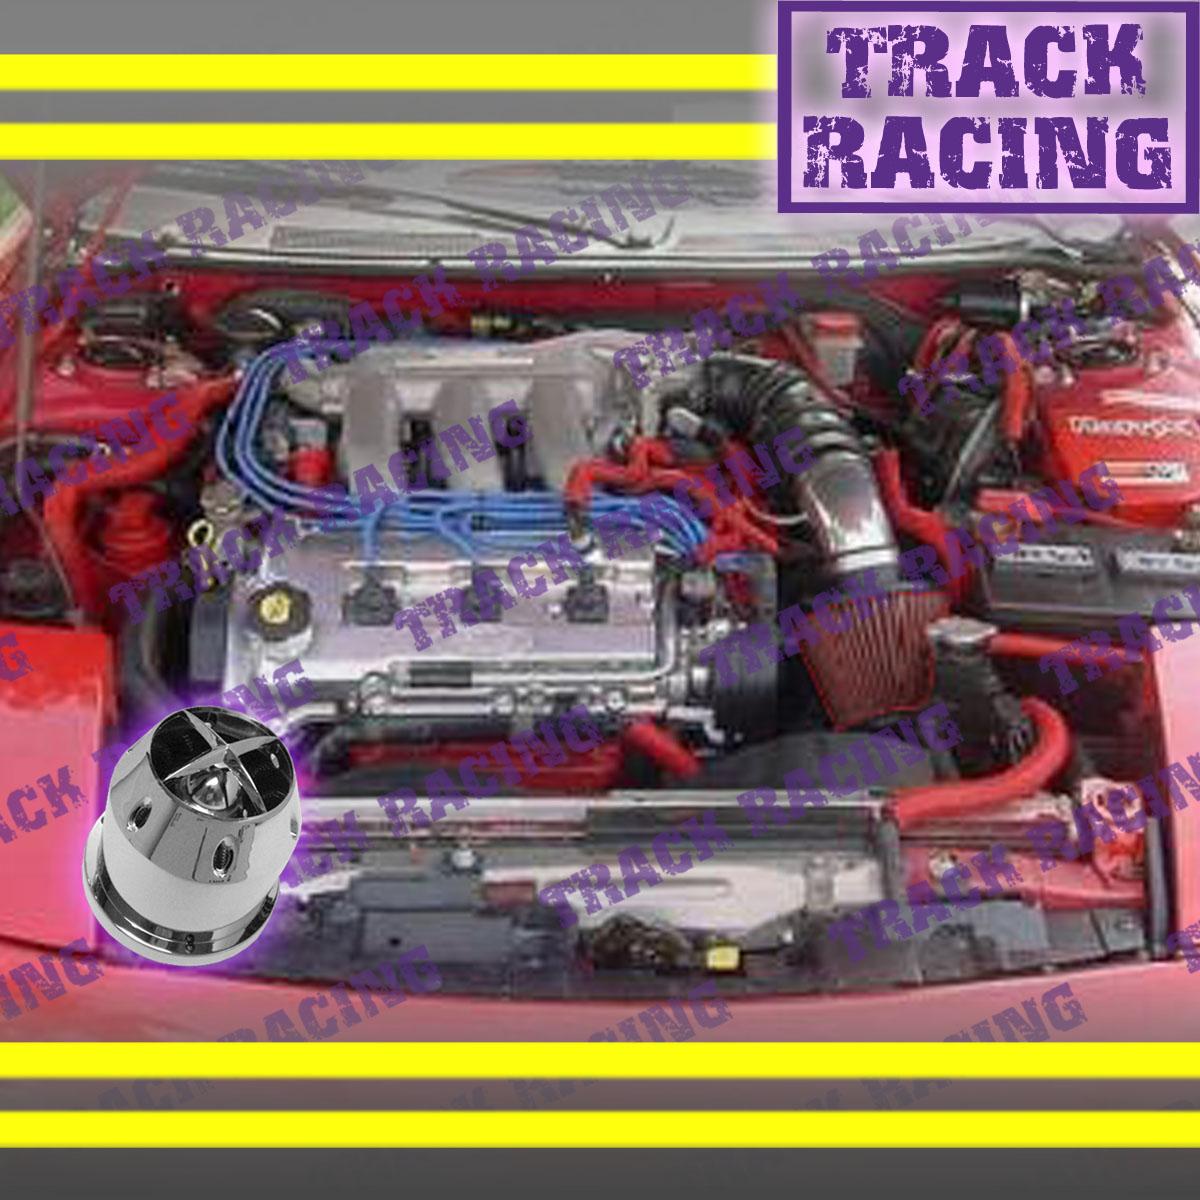 1993 Mazda Mx 6 Suspension: 93 94-97 FORD PROBE GTMAZDA MX6626MX-6 2.5L V6 AIR INTAKE